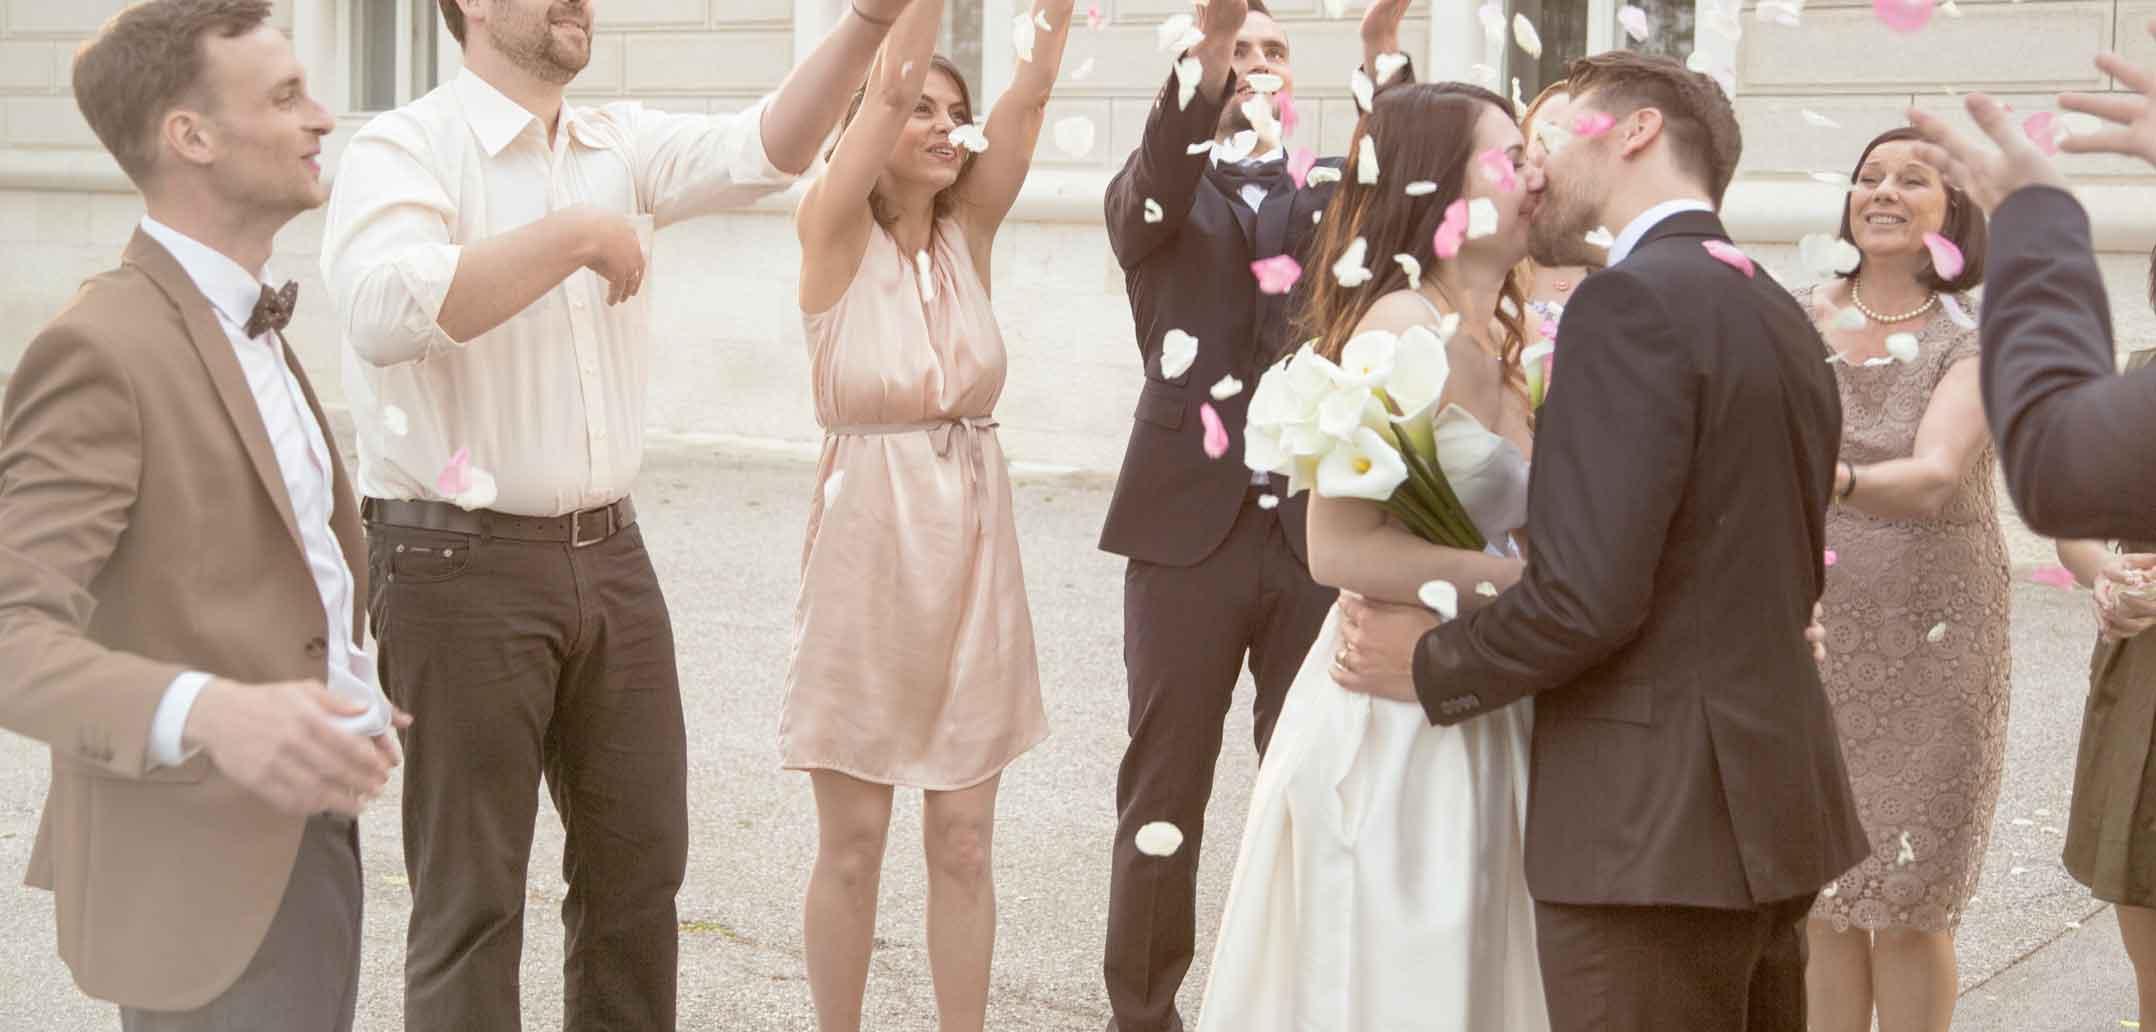 Diese Hochzeitsspiele Machen So Richtig Spass